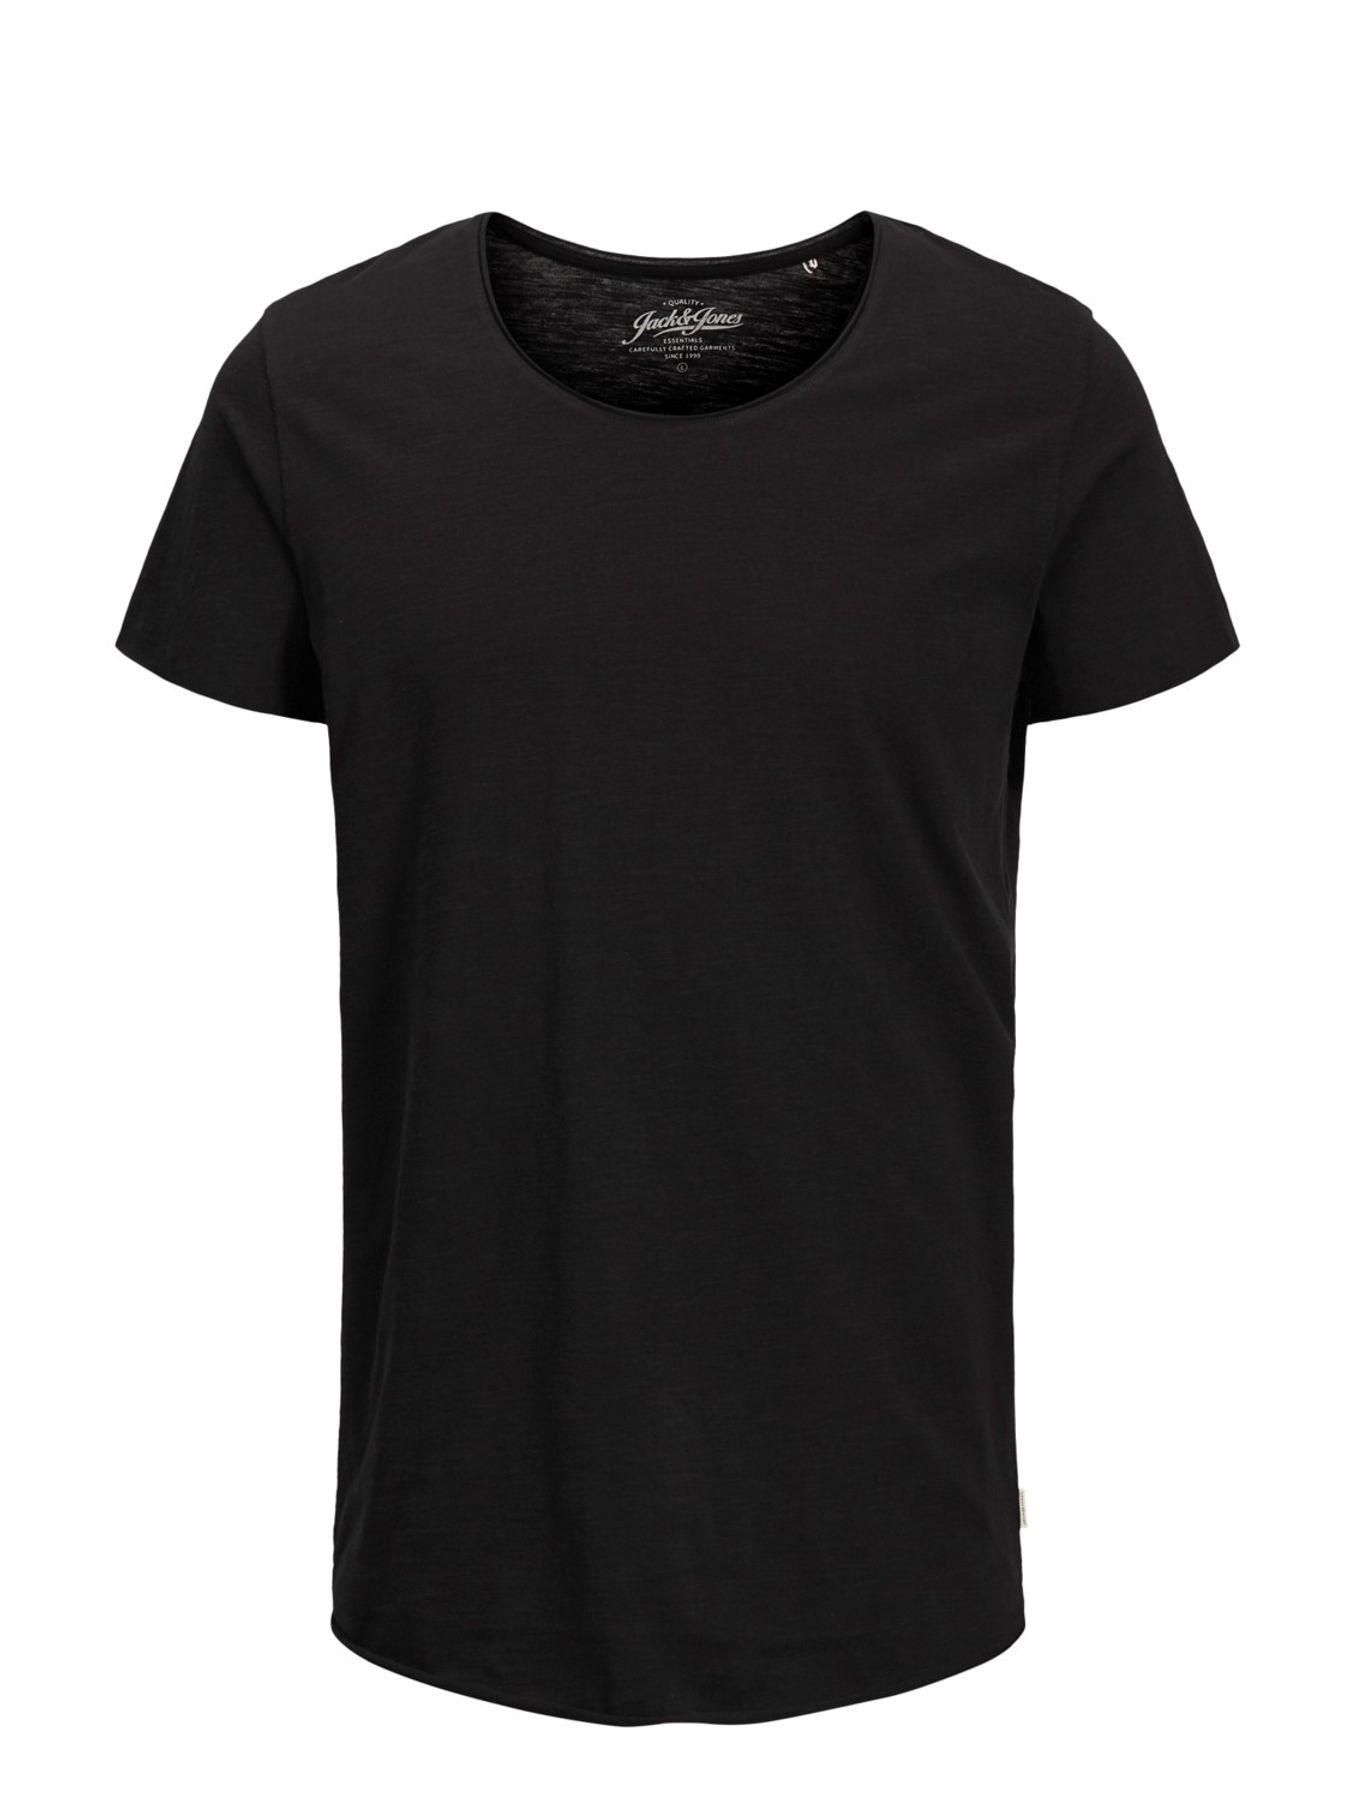 Jack & Jones - Herren T-shirt in verschiedenen Farben, (Art. 12136679) – Bild 1